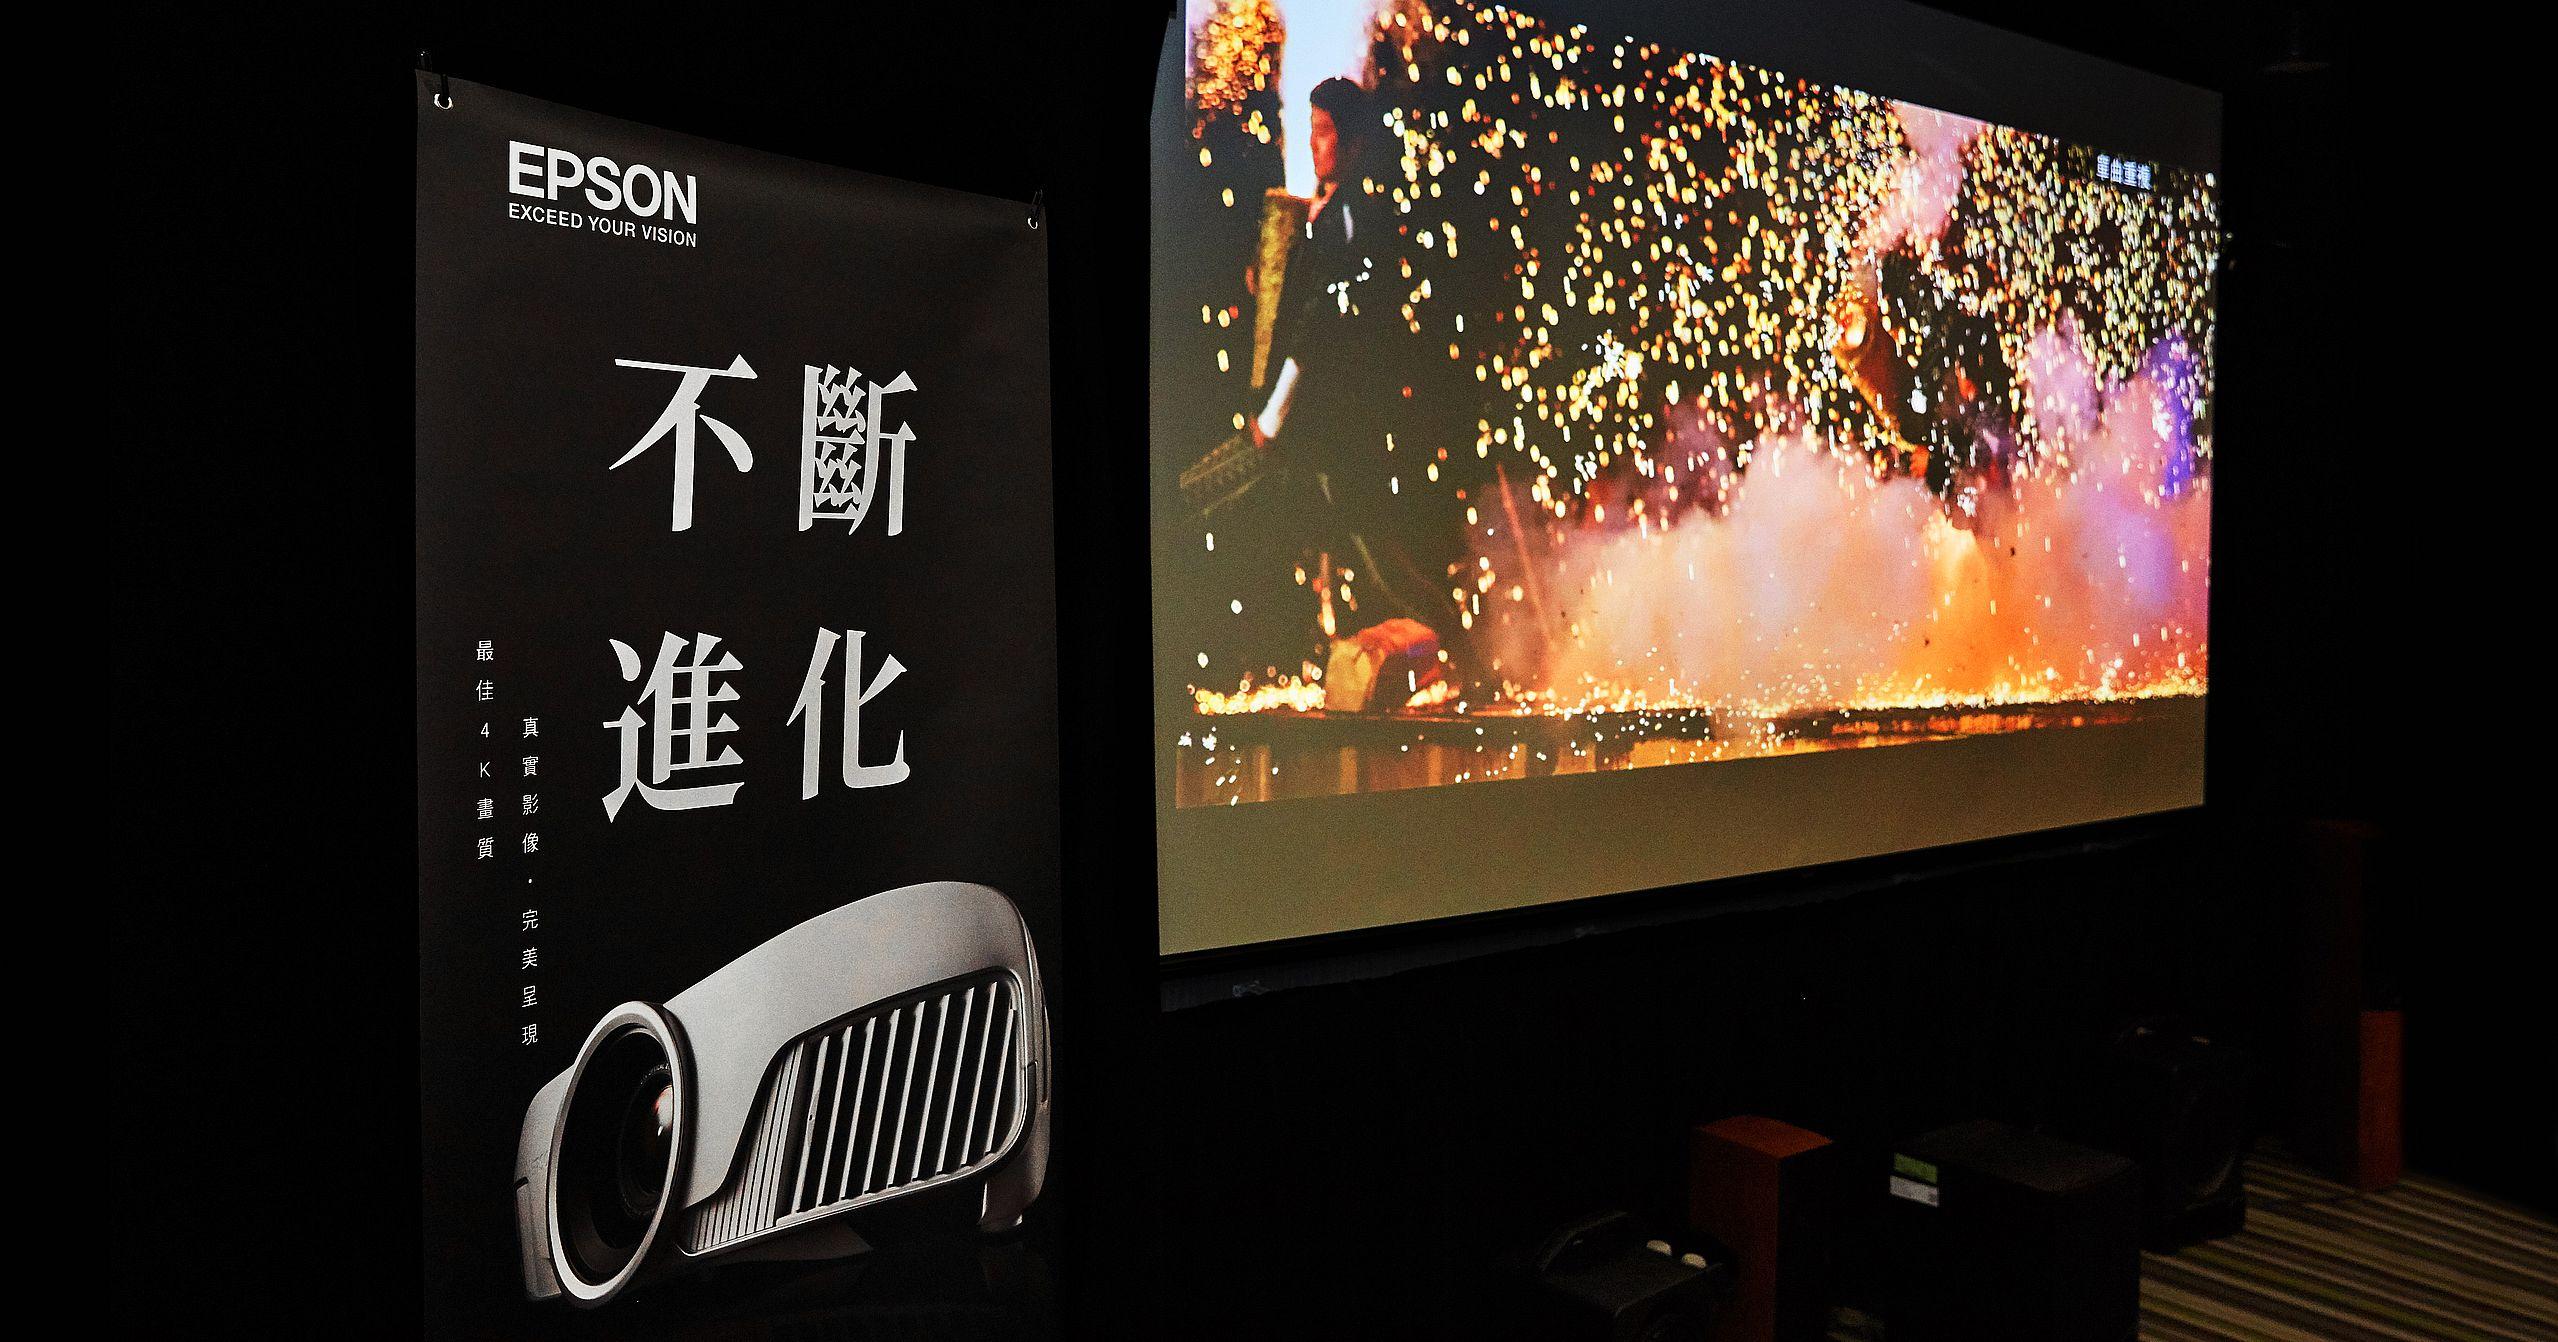 前進高雄市電影館!直擊 Epson 新一代 4K Pro-UHD 劇院級投影機 EH-TW8400 的獨特魅力